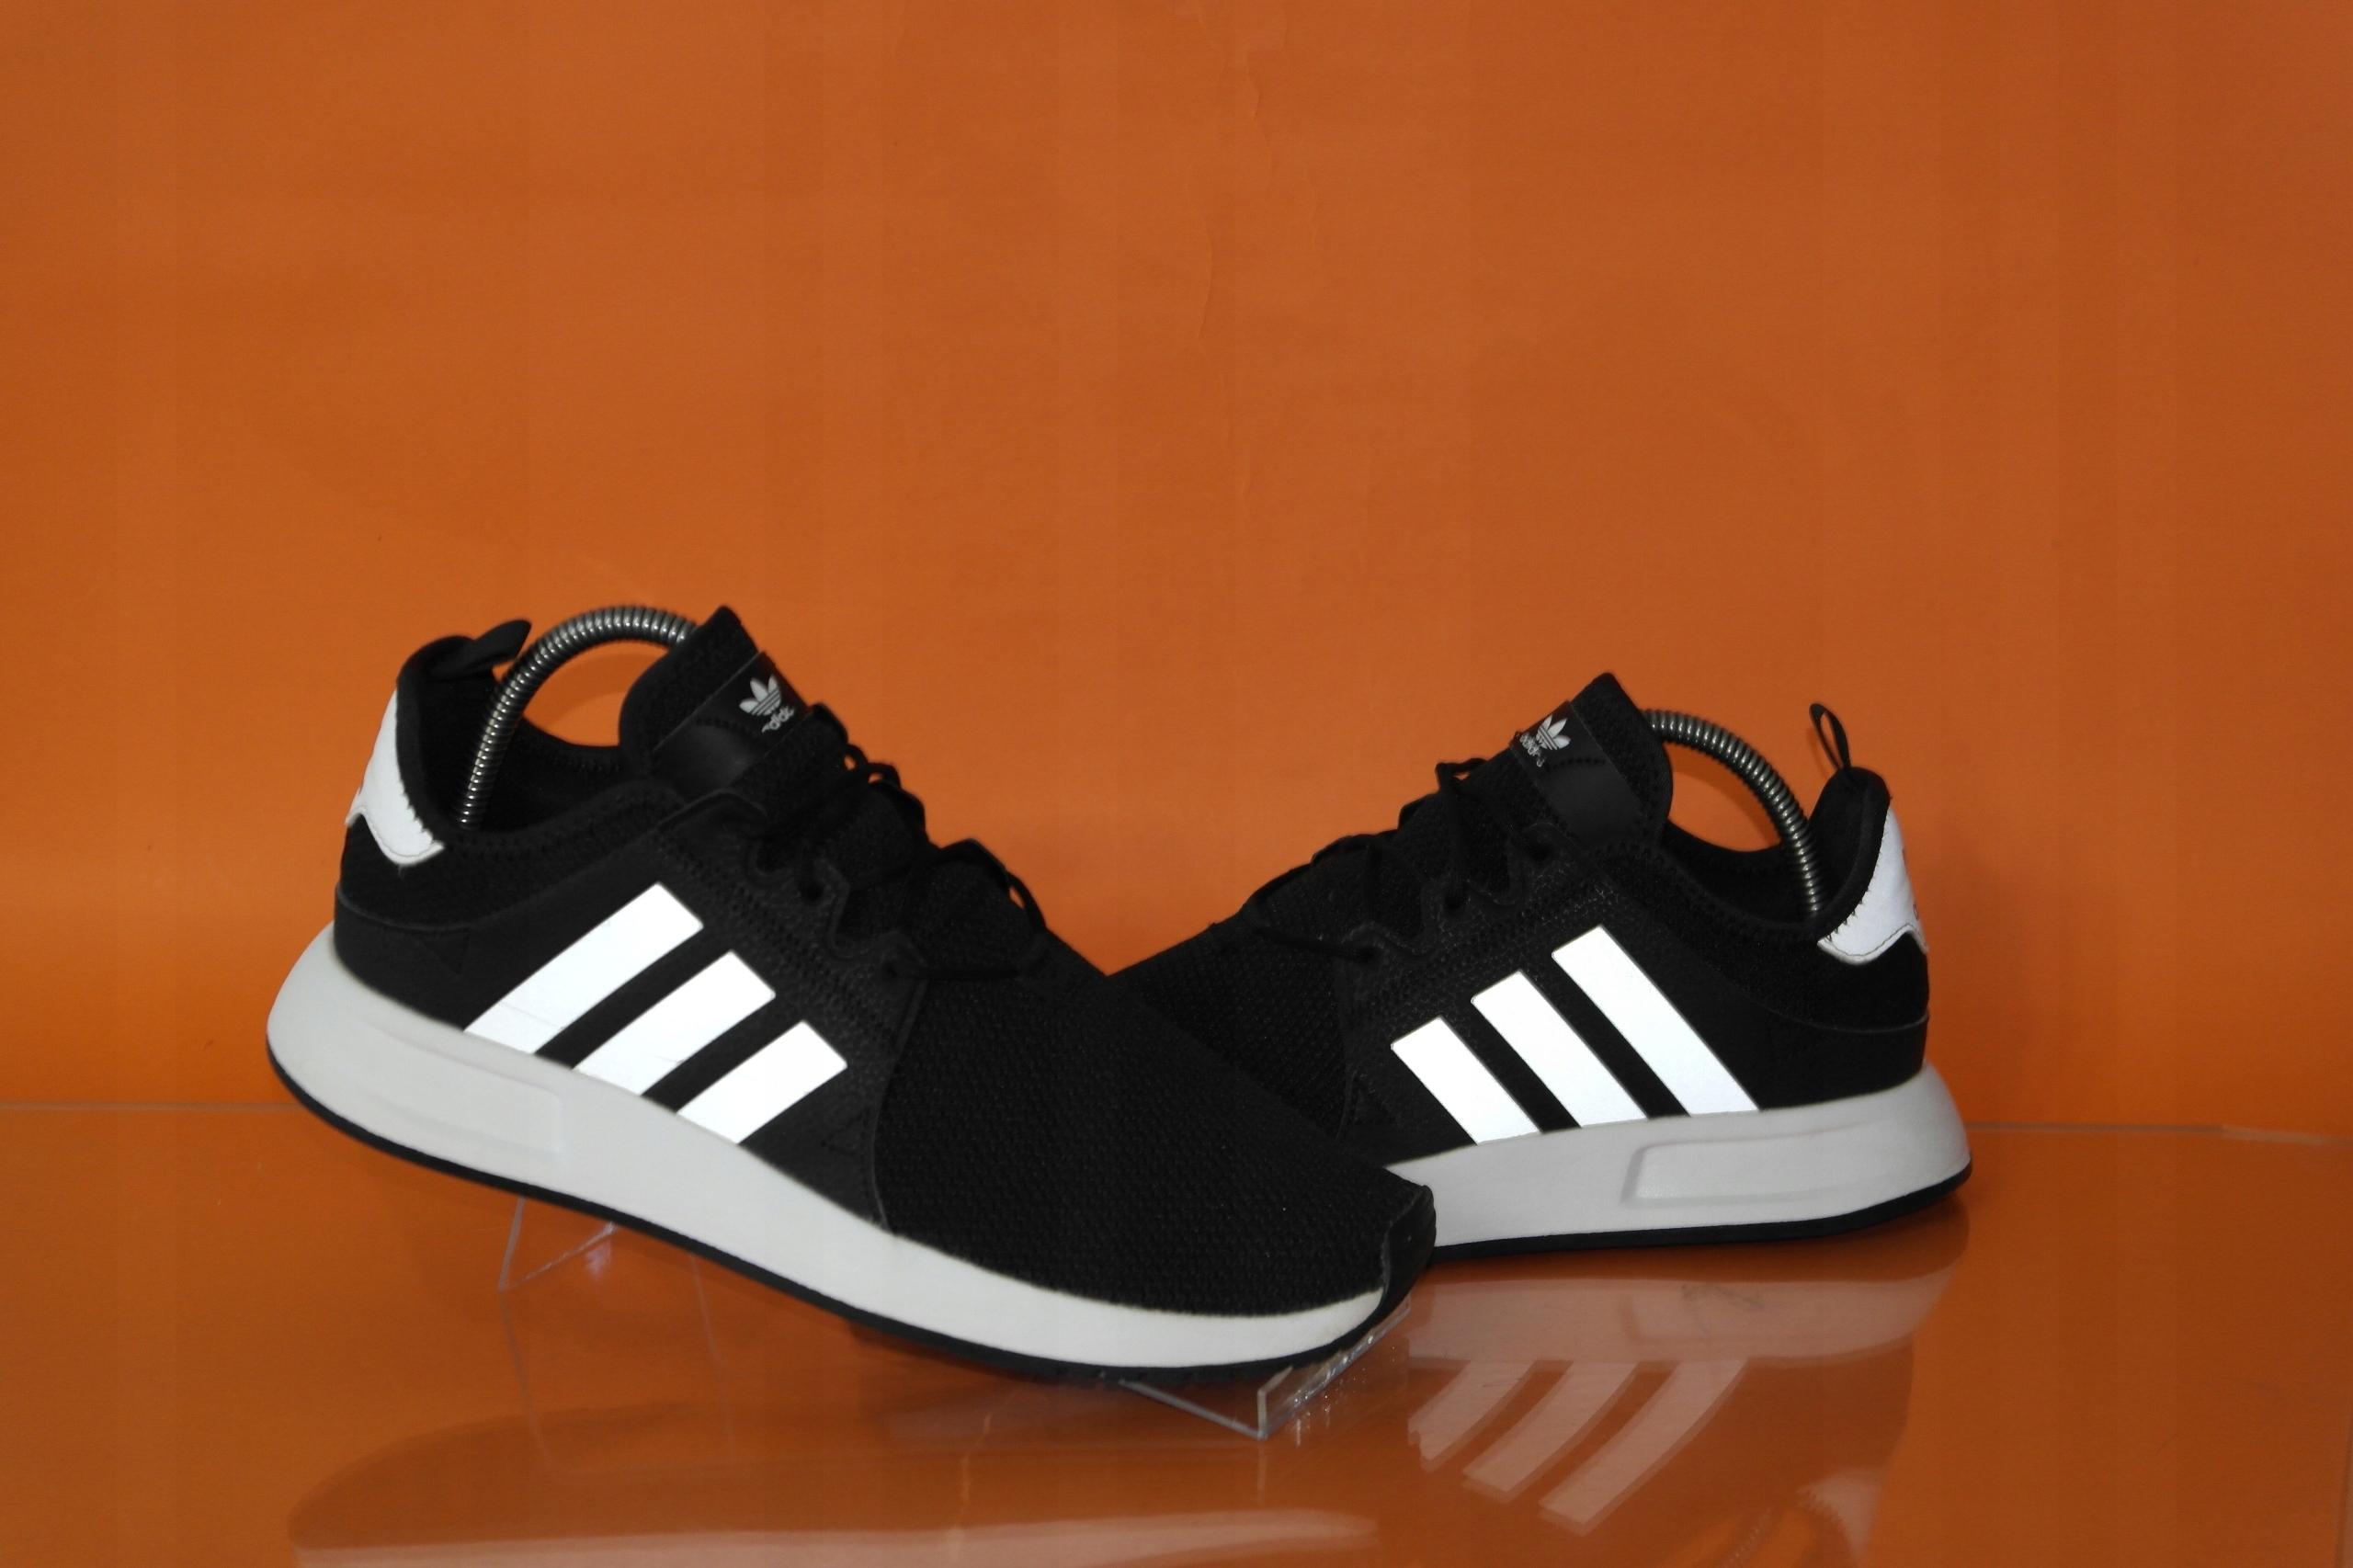 Adidas X_PLR BUTY SPORTOWE damskie 41 13